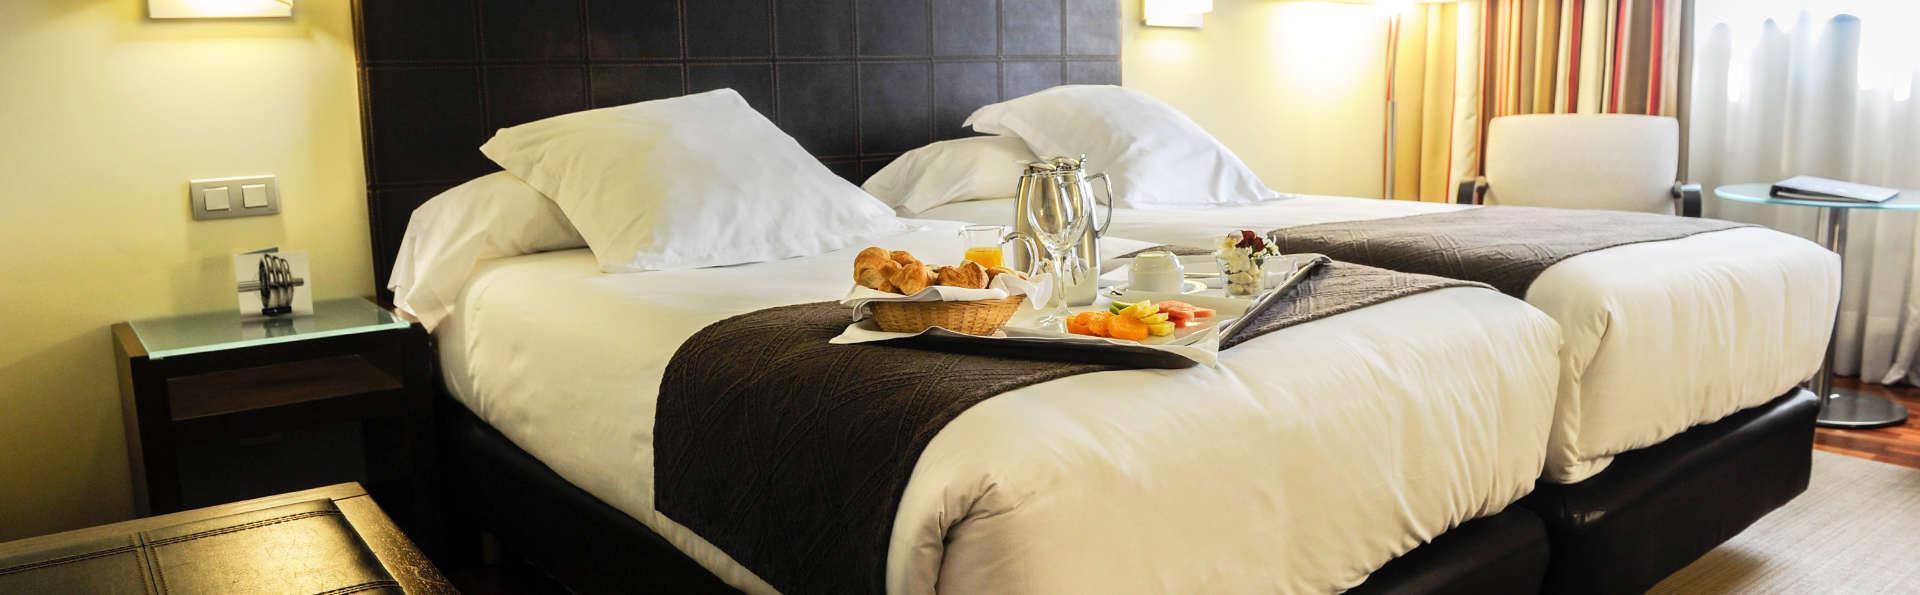 Hotel Attica 21 Coruña - EDIT_Room6.jpg